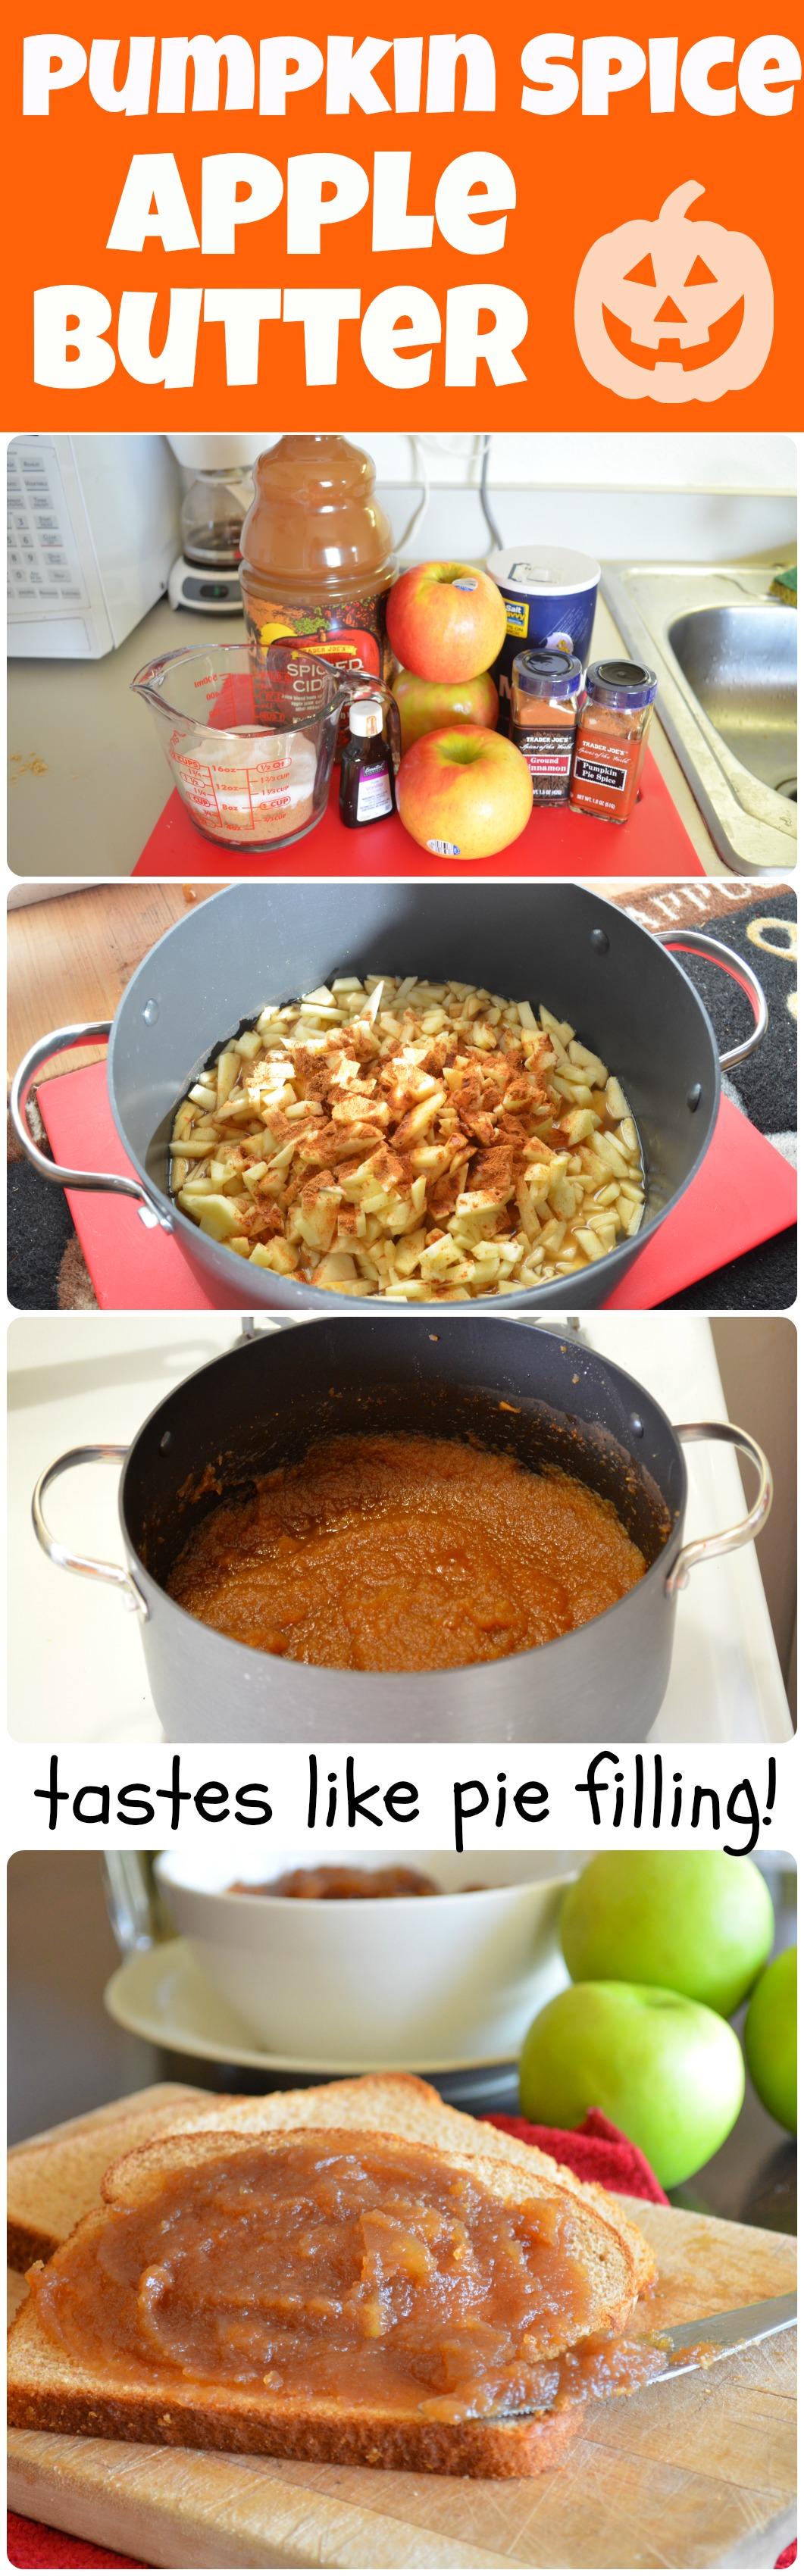 Pumpkin Spice Apple Butter! It tastes like the inside of an apple pie ...